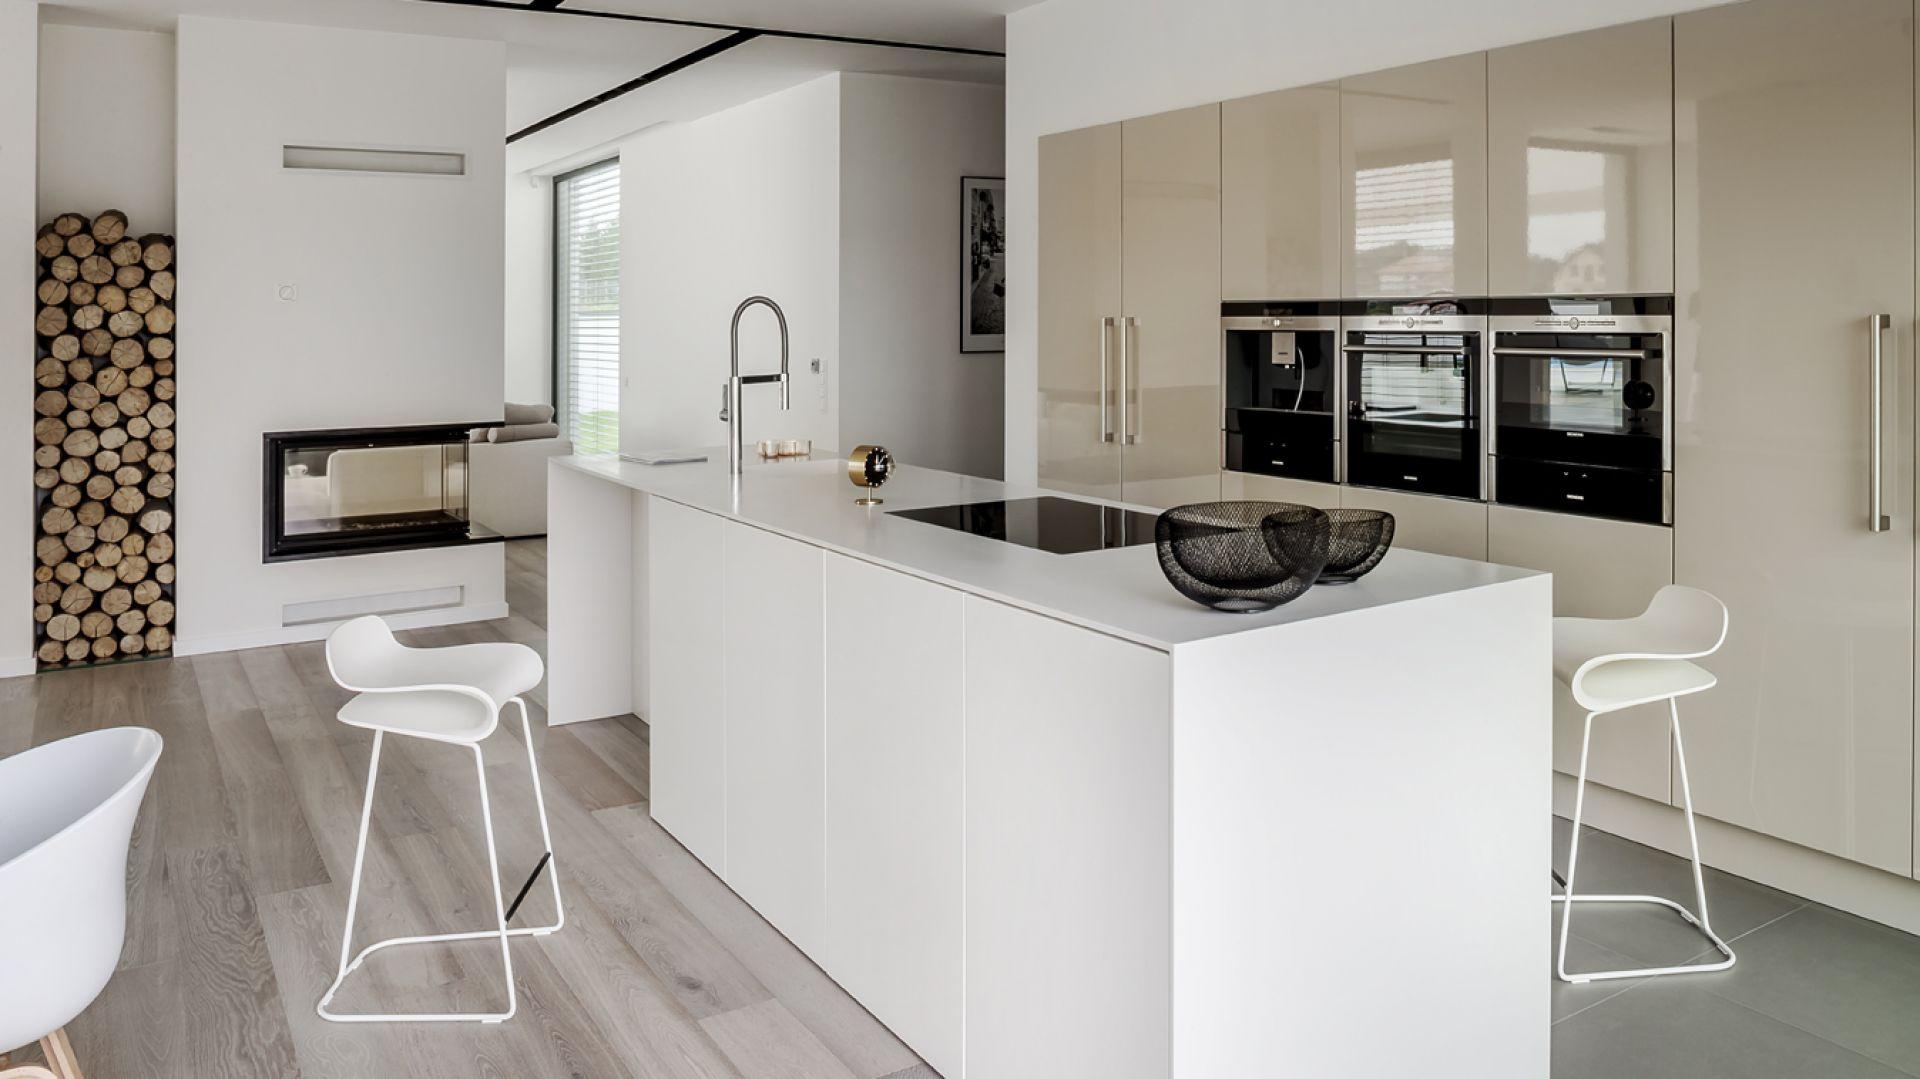 Kuchnia na wysoki połysk to wciąż modna propozycja do przestrzeni kuchennych. Najlepiej prezentuje się w postaci minimalistycznej zabudowy - kuchennej szafy i przestronnej wyspy. Fot. Zajc Kuchnie